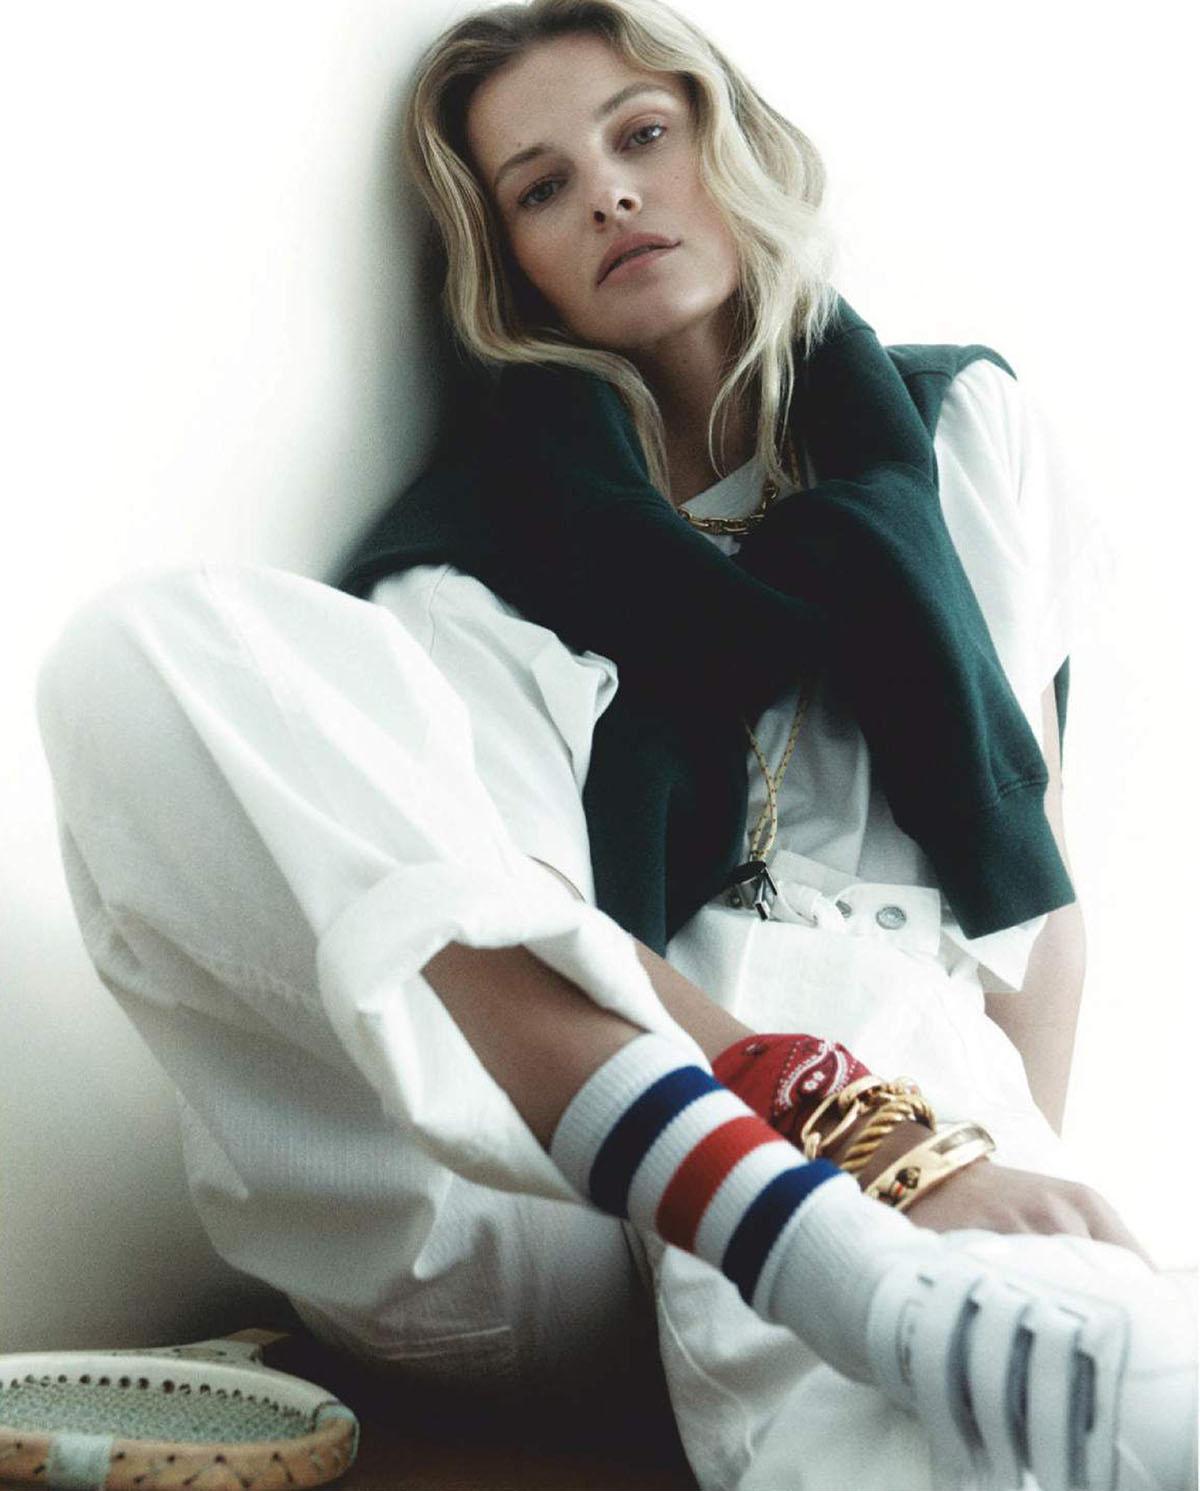 Edita Vilkeviciute by Robin Galiegue for Vogue Paris March 2021